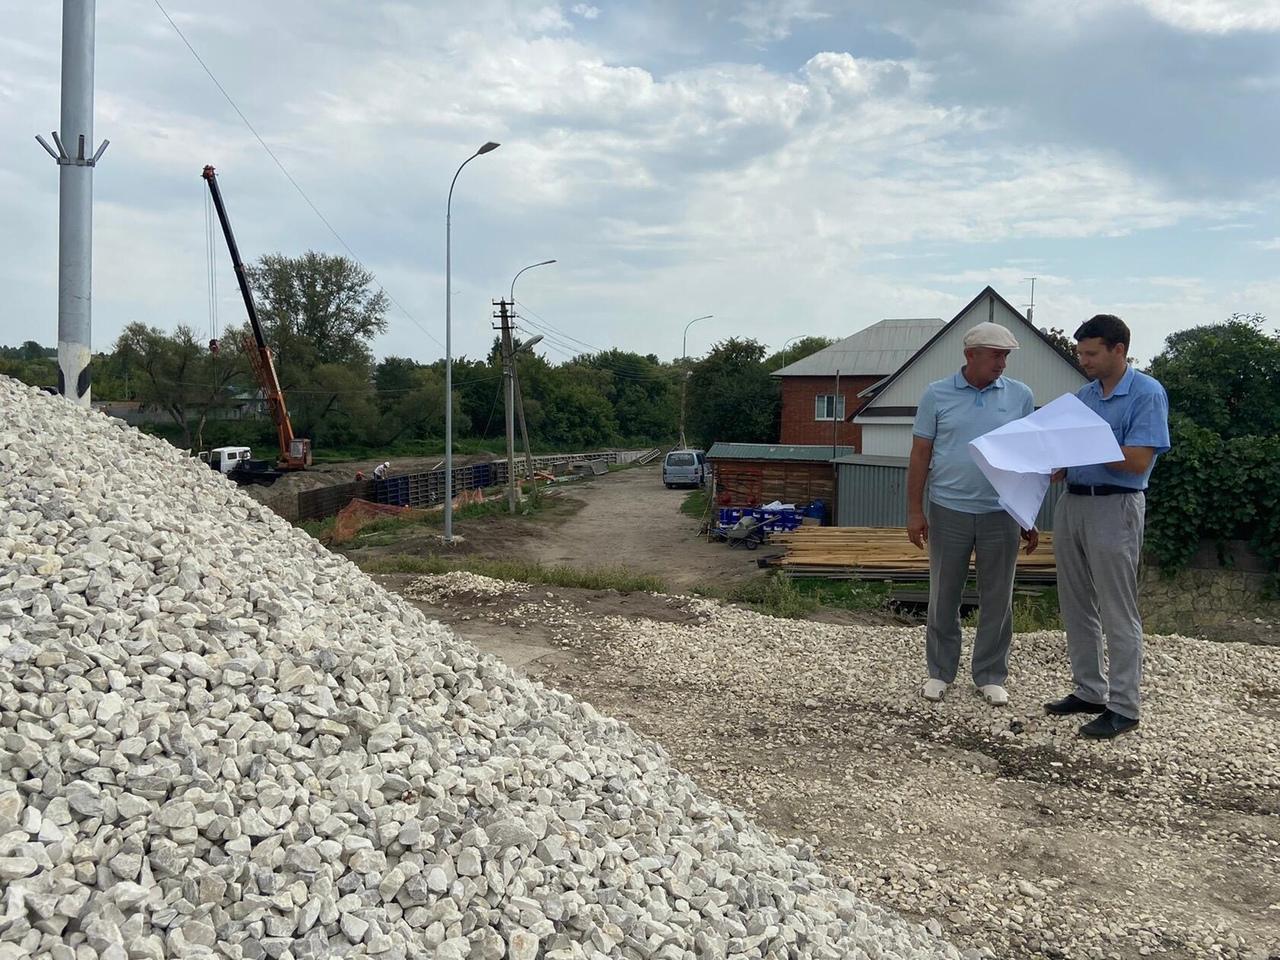 Председатель правительства Саратовской области Роман Бусаргин в режиме ВКС провёл рабочее совещание по вопросу реализации федеральных проектов на территории Петровска